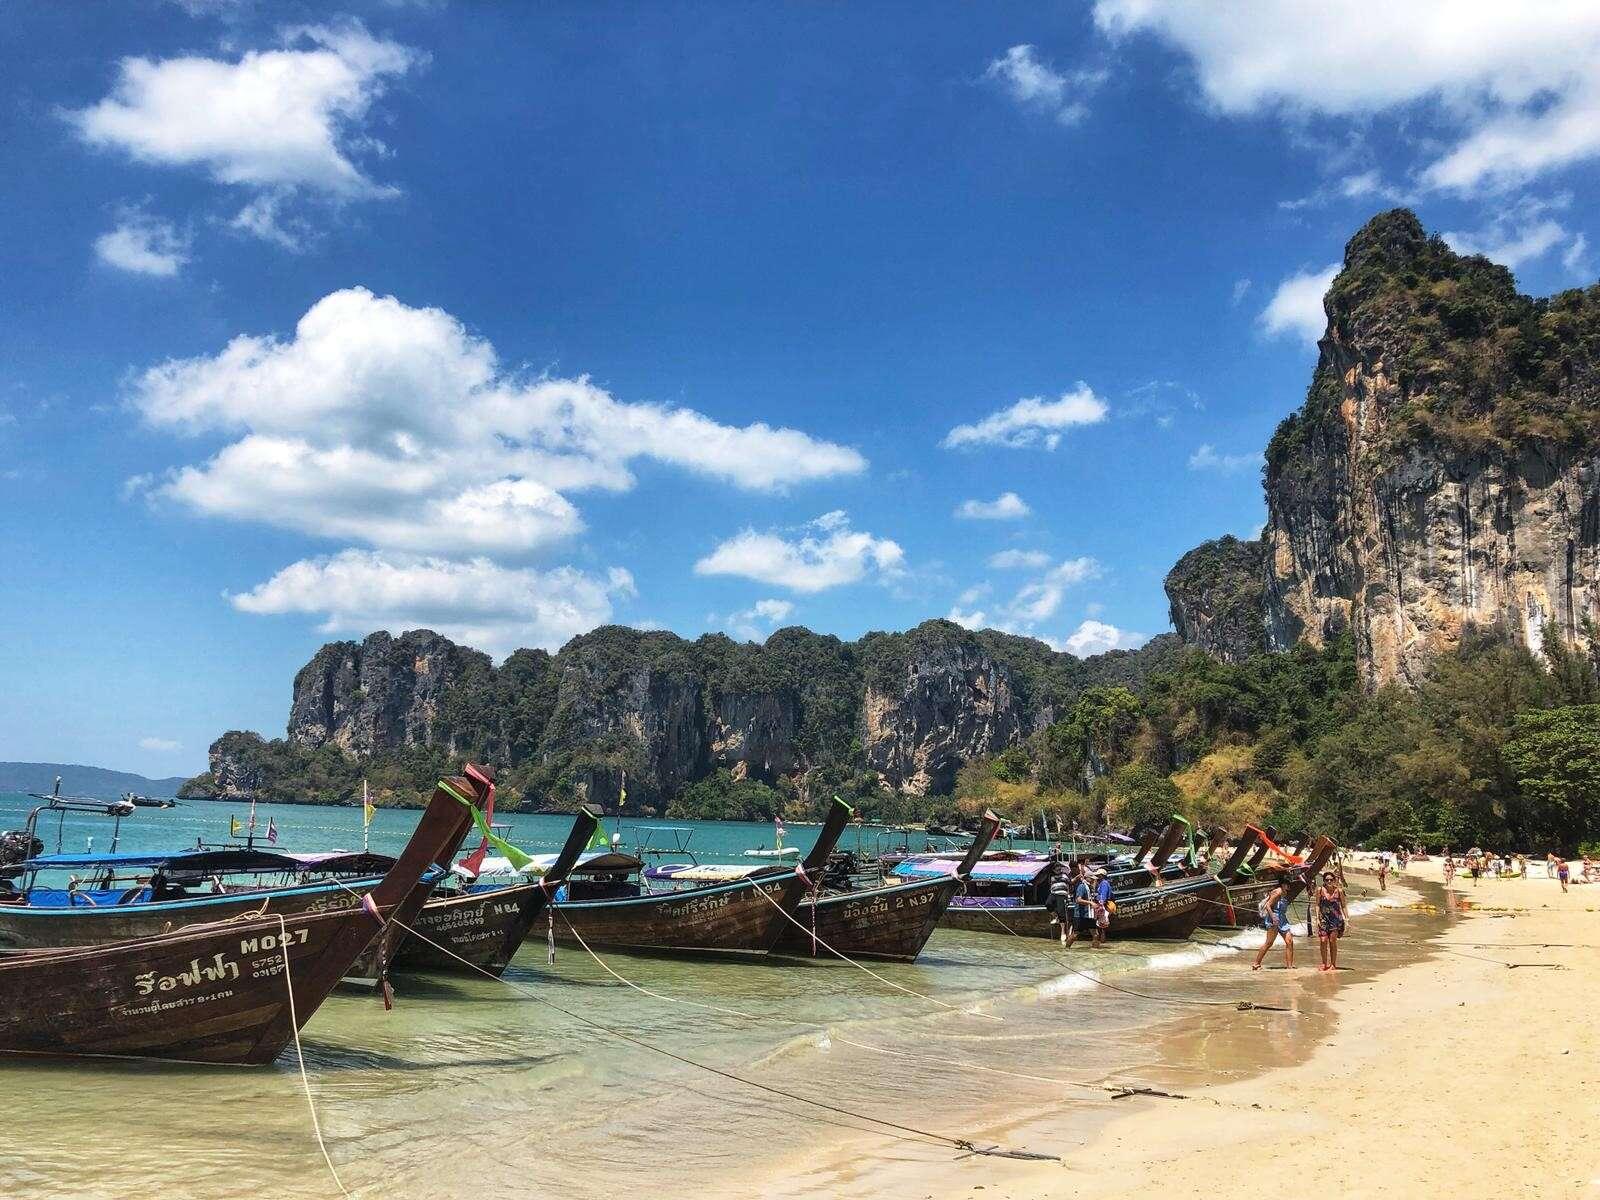 מדריך מקוצר איך לתכנן את החופשה המושלמת בתאילנד לחובבי שמש, ים ואטרקציות